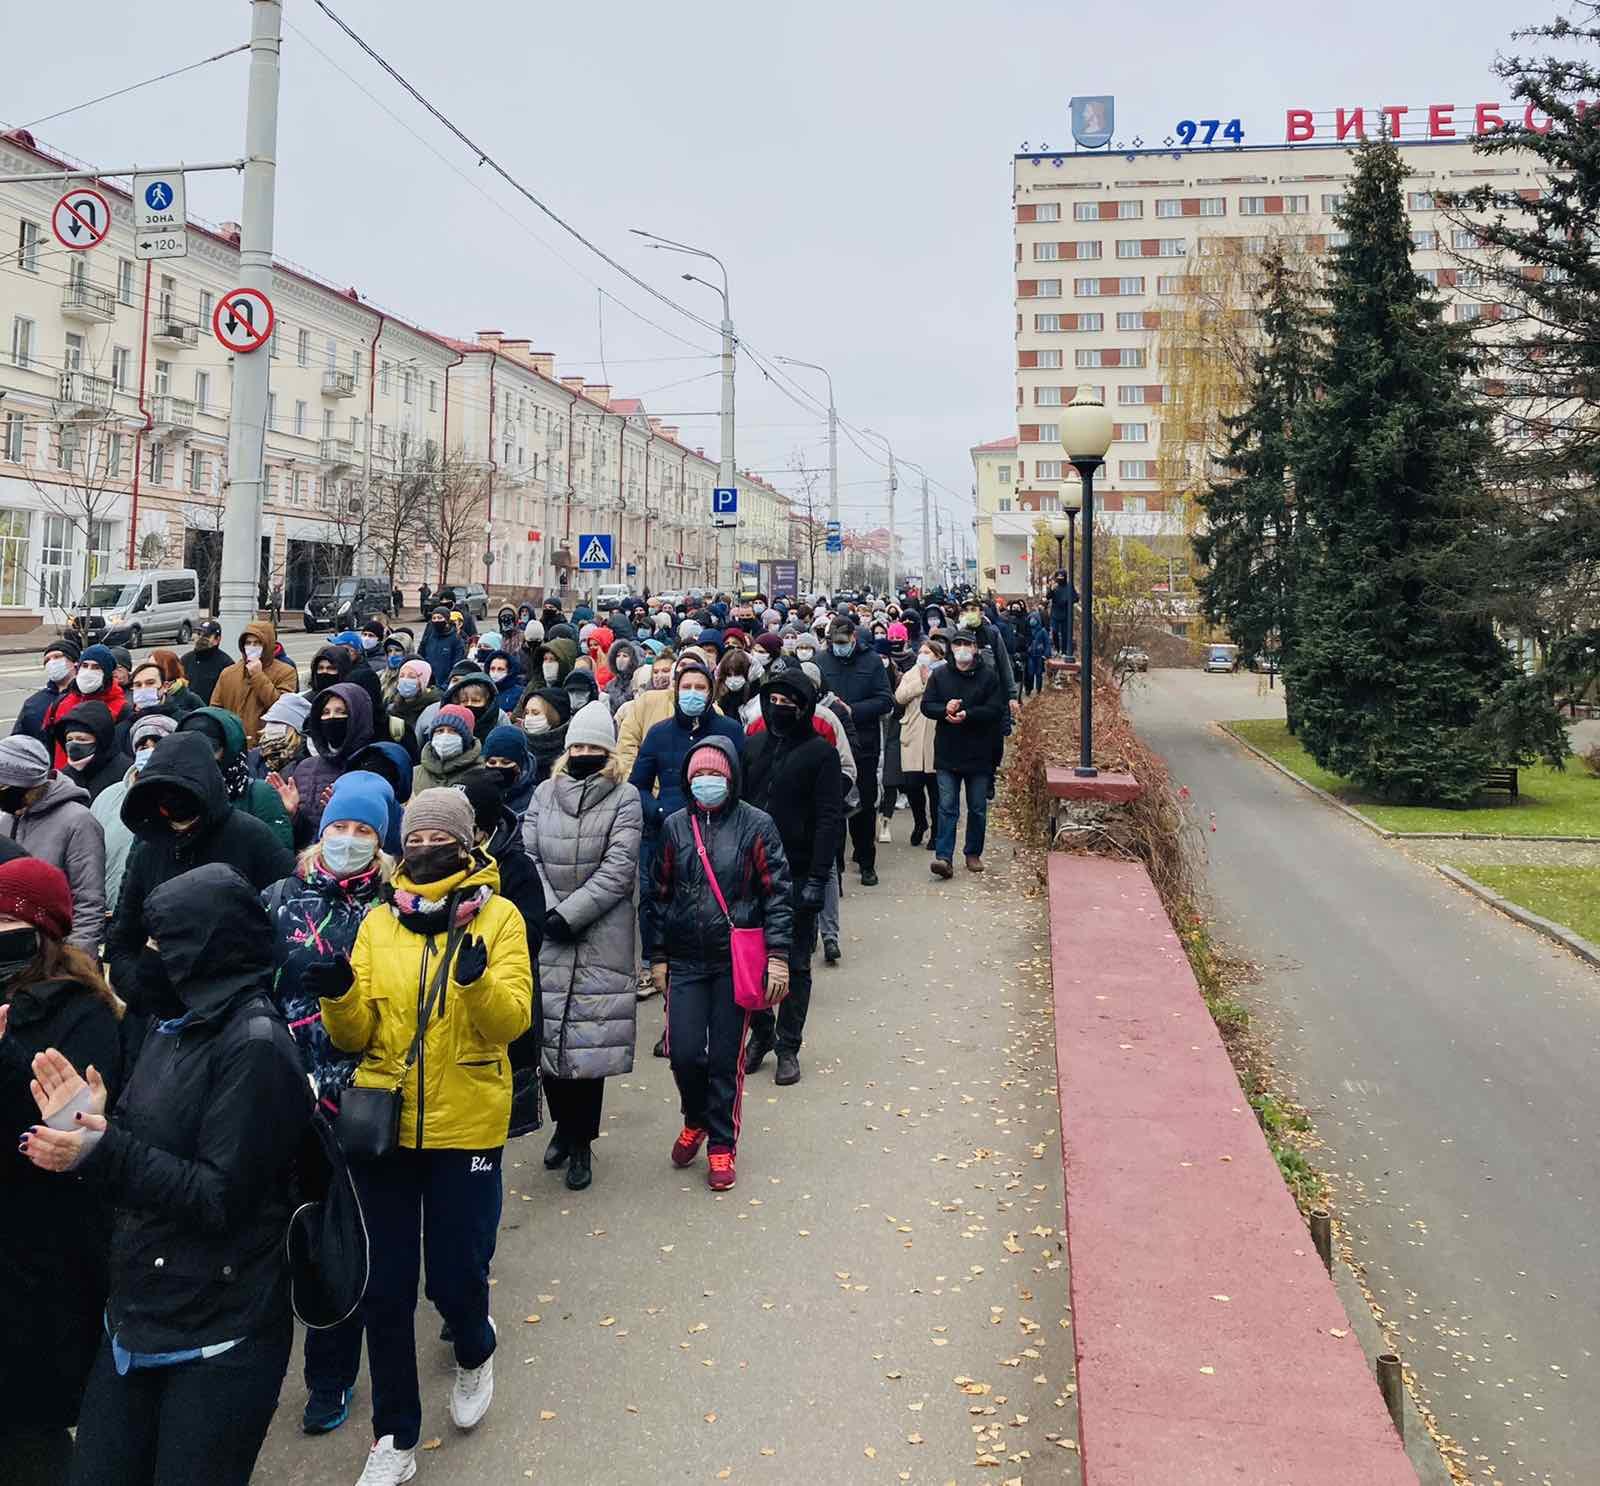 В Витебске прошел Марш памяти Романа Бондаренко